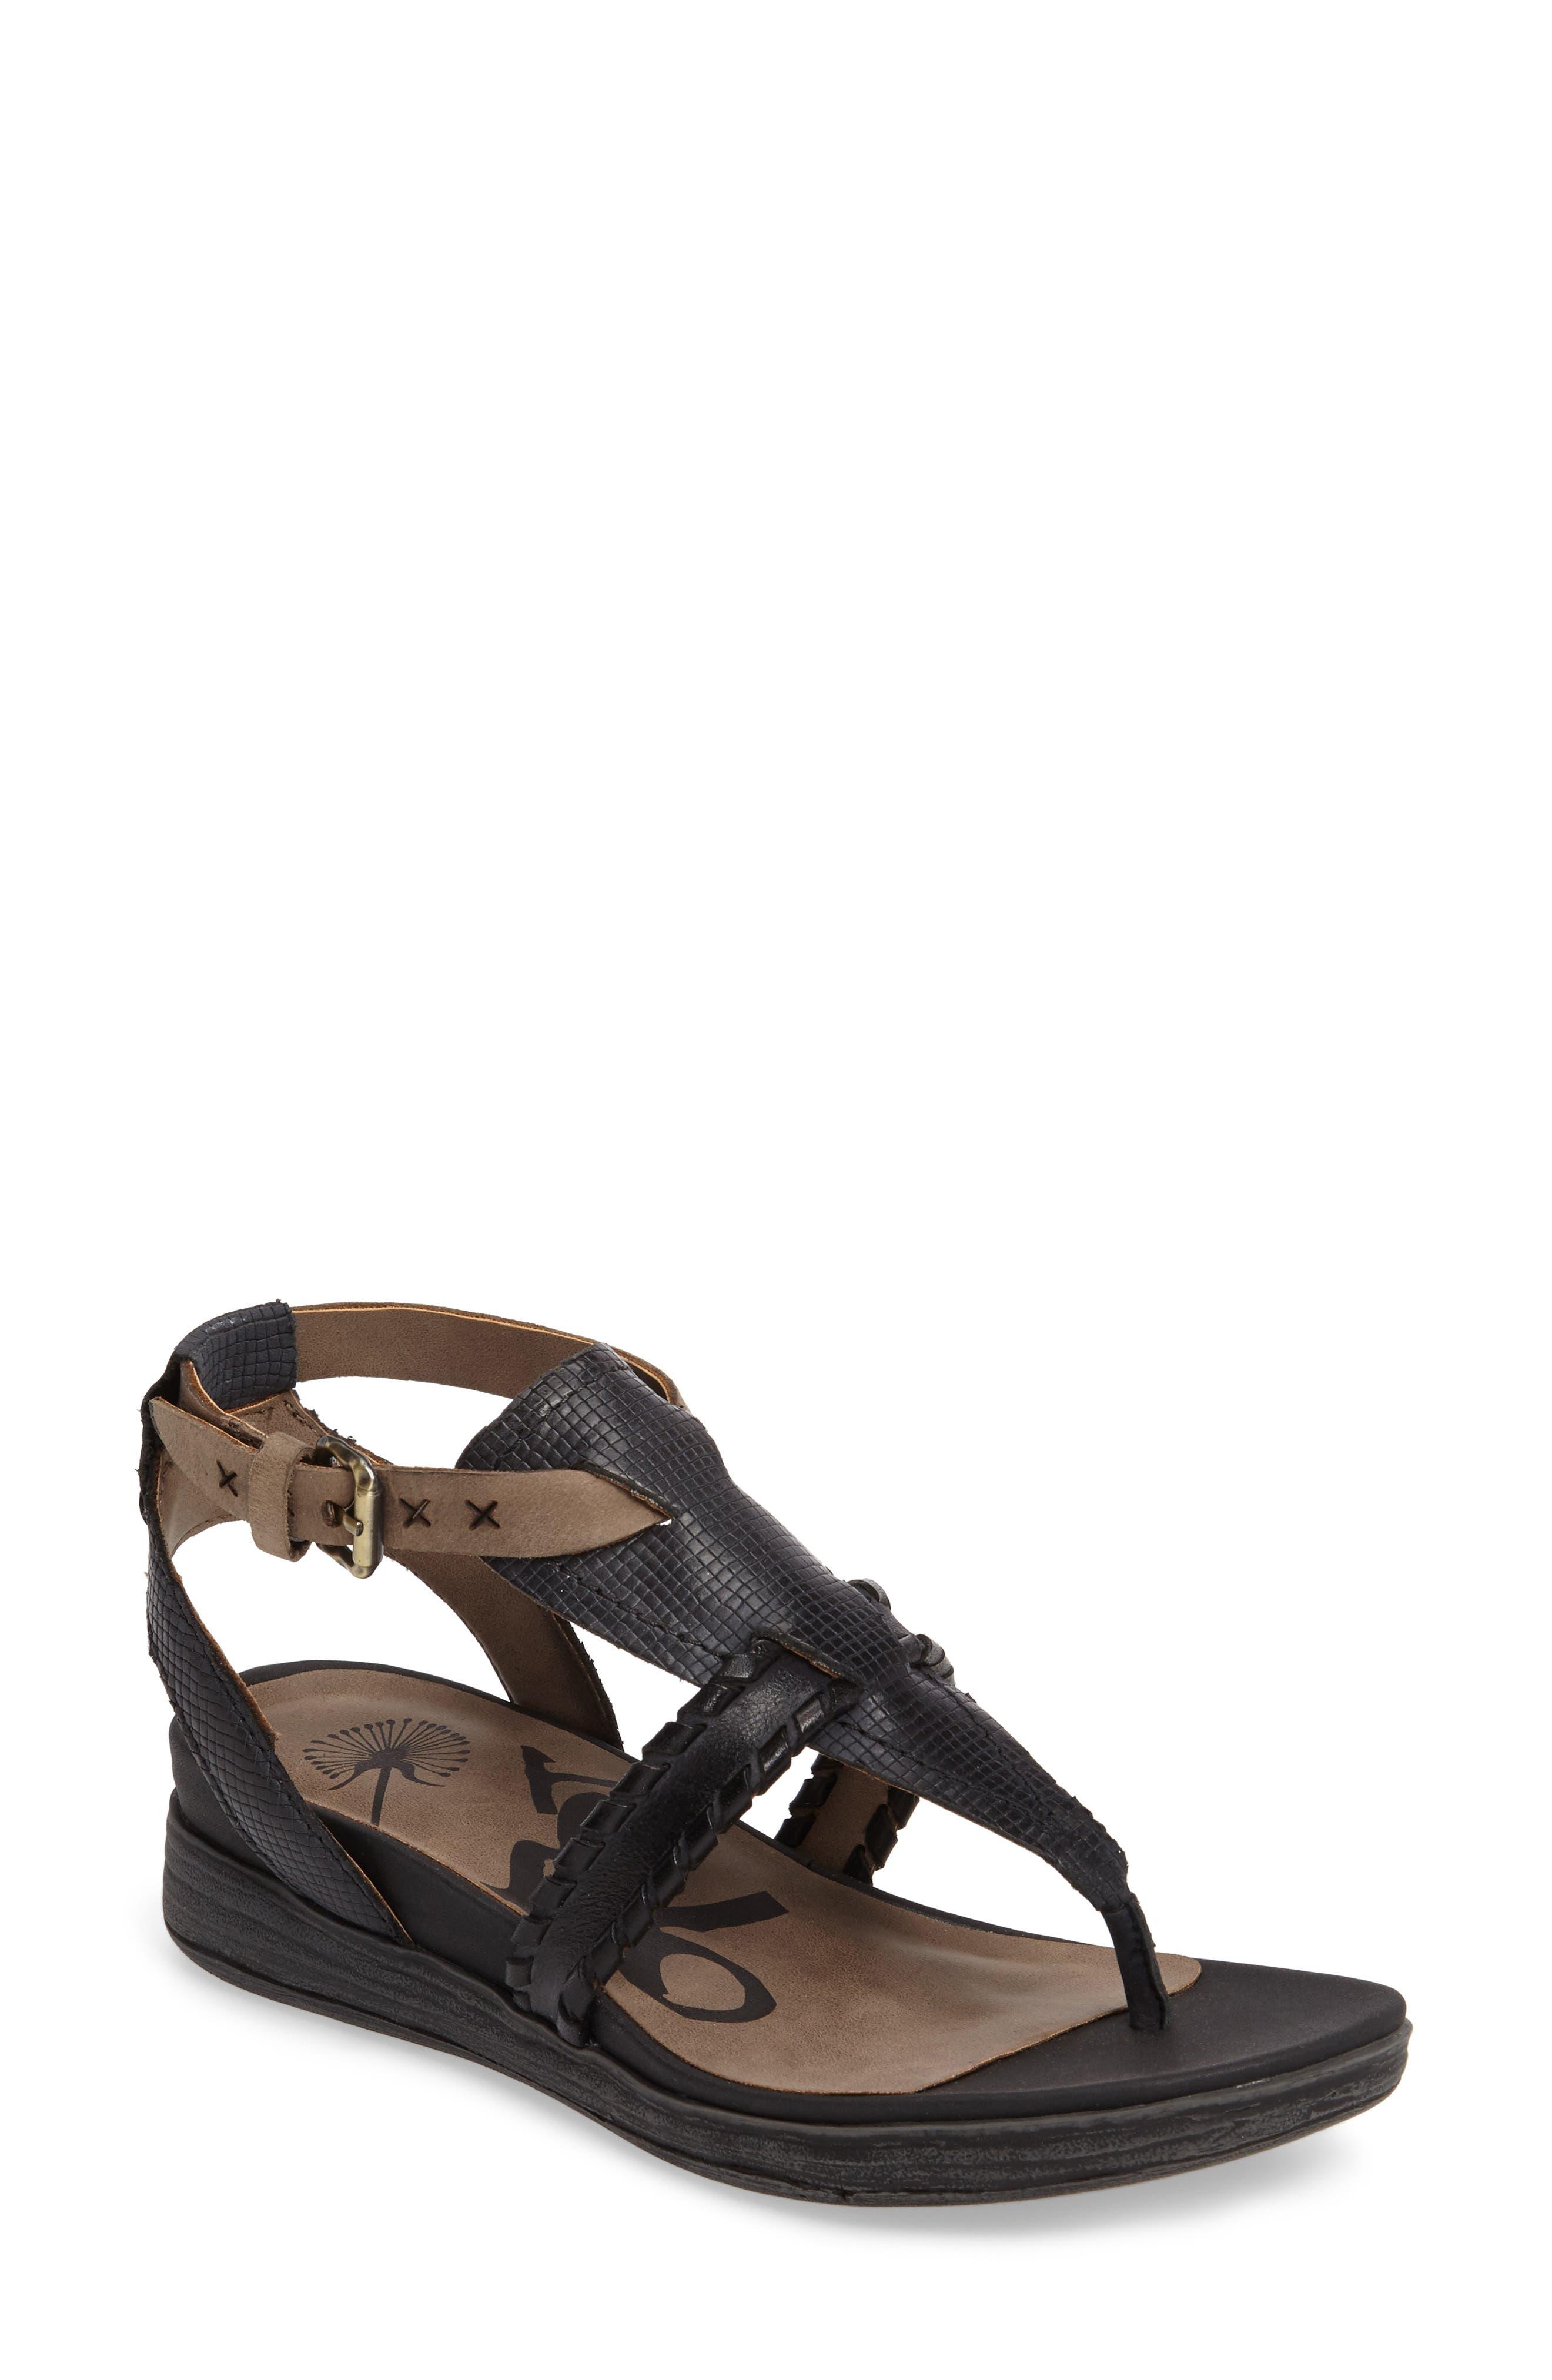 OTBT Celestial V-Strap Wedge Sandal